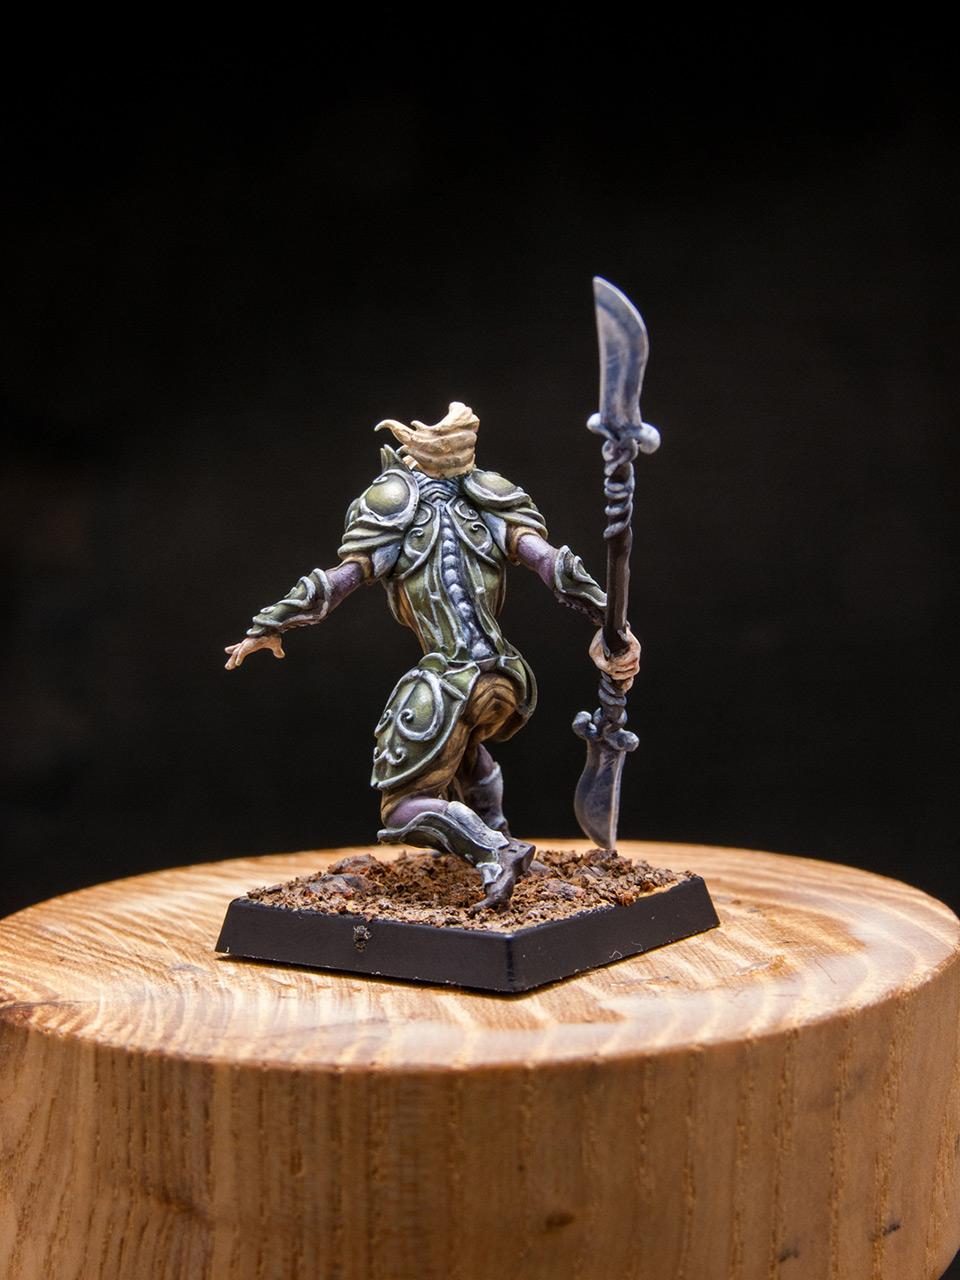 Разное: Эльфы Серебряной гвардии, фото #4